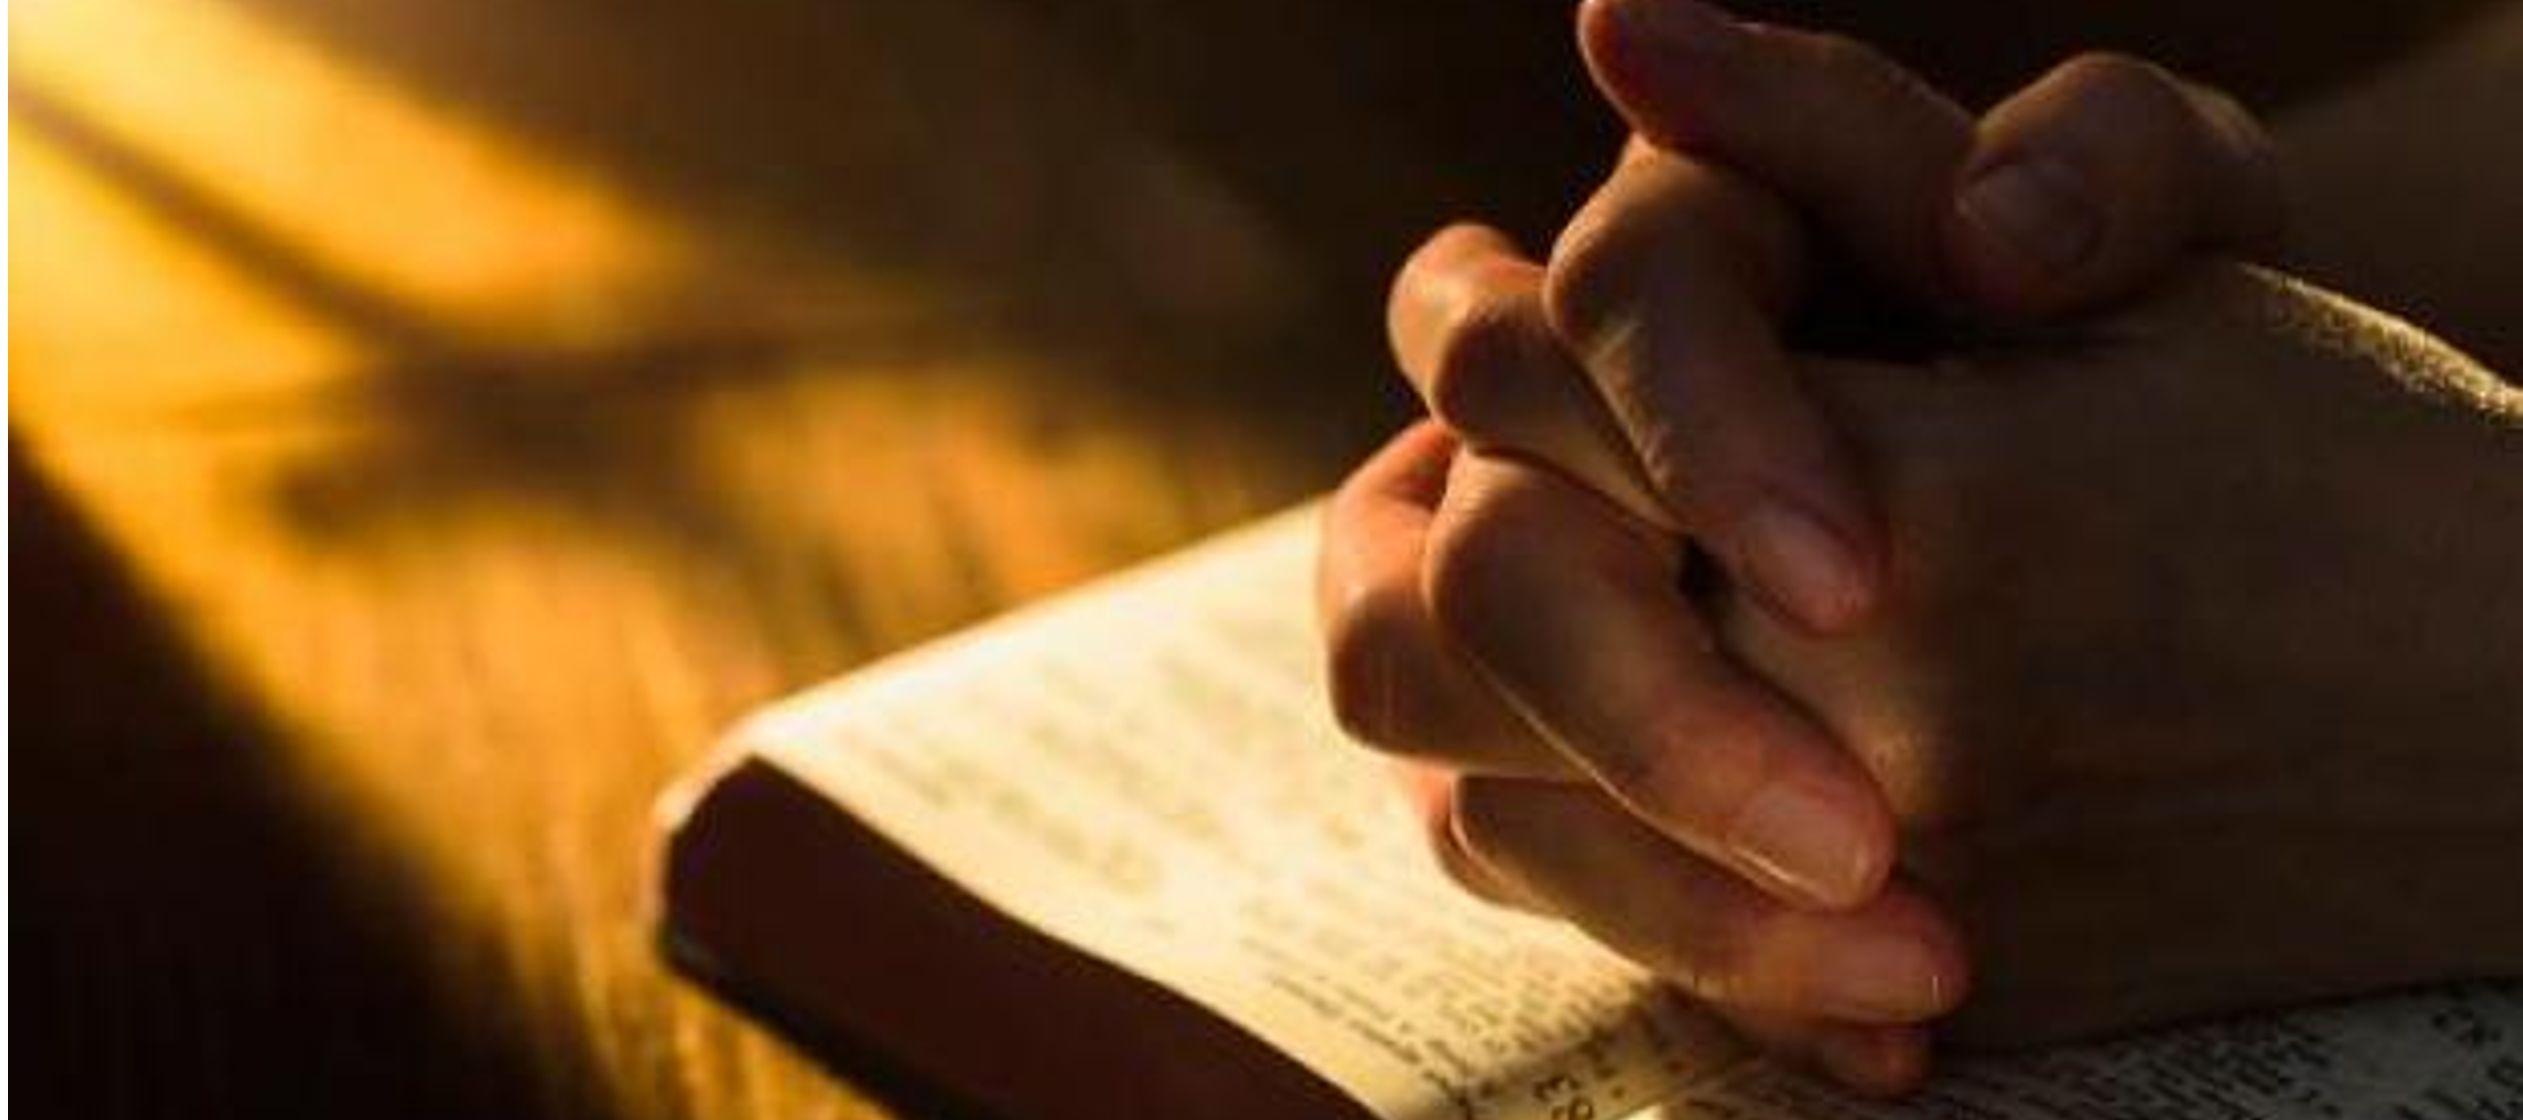 ¿No será mejor dejar de pedirte esas gracias? Sin embargo, en el Evangelio Tú...